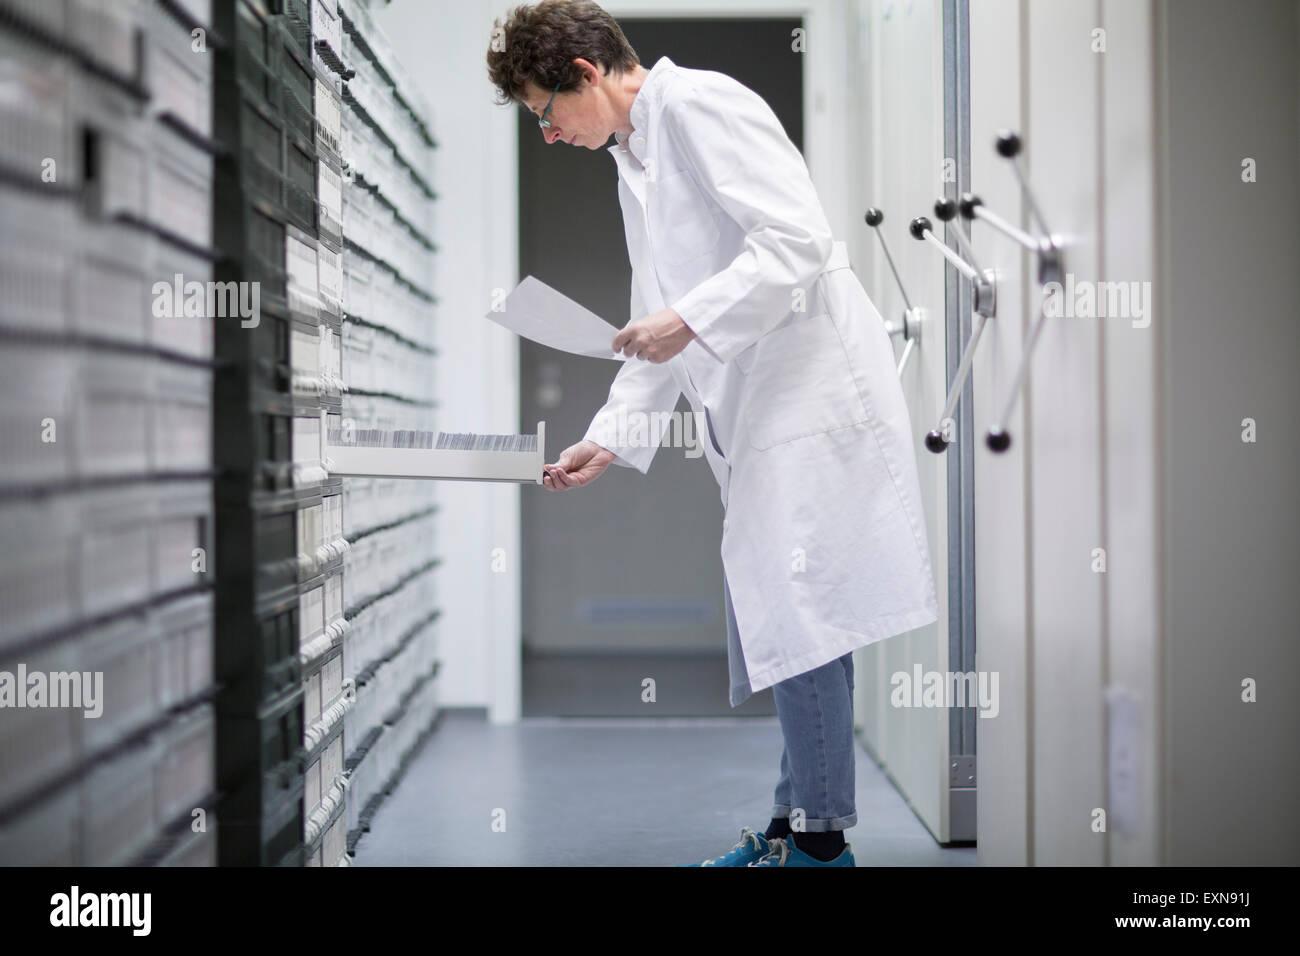 Auxiliar de laboratorio en el archivo de muestra de laboratorio clínico Imagen De Stock